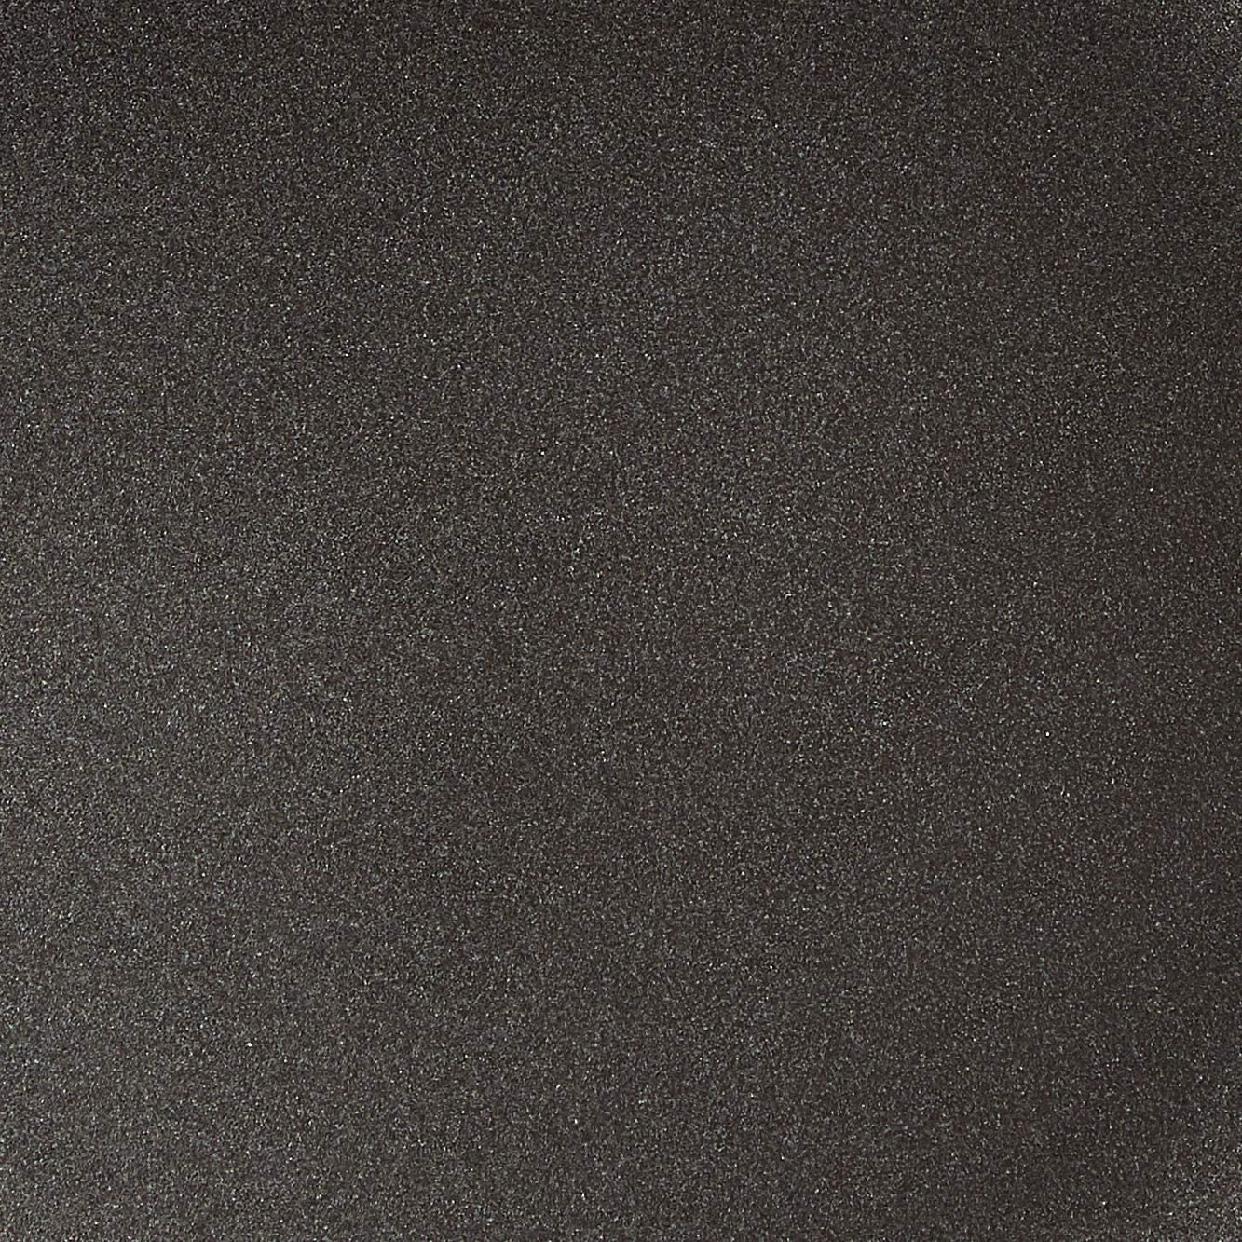 味わい鍋(あじわいなべ)片手鍋 ブラック 直径20cmの商品画像5